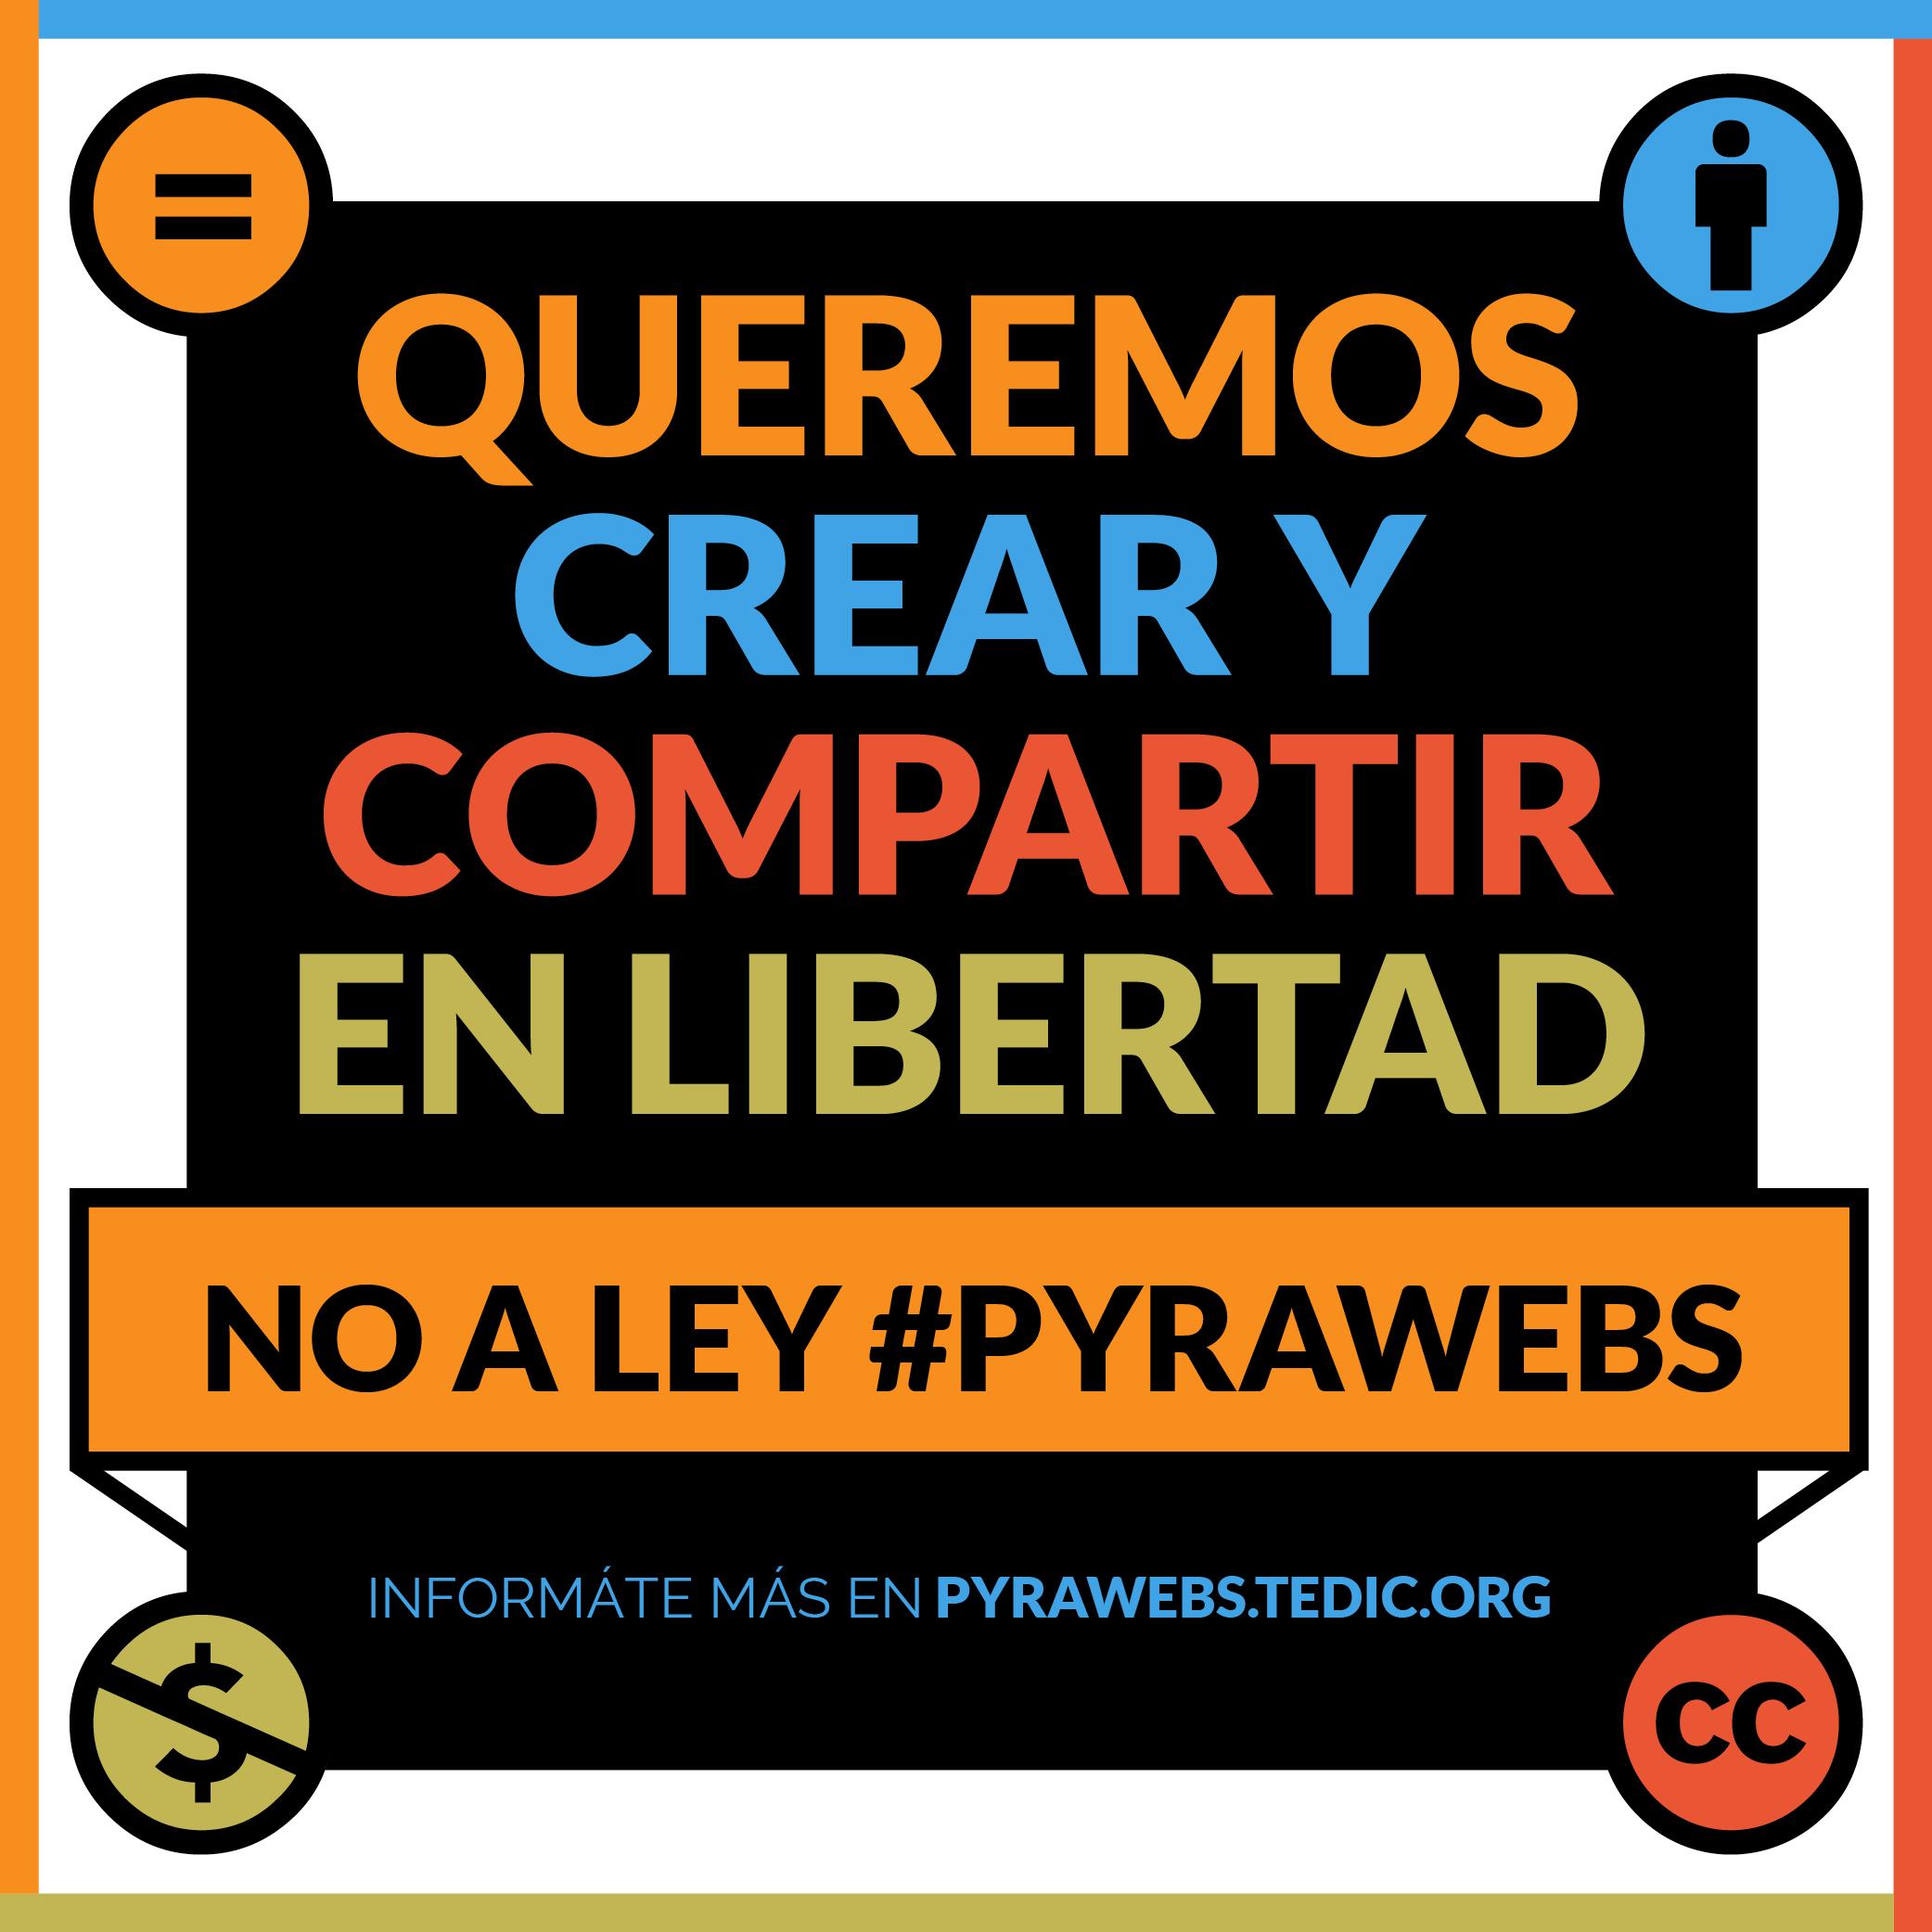 Pyrawebs5